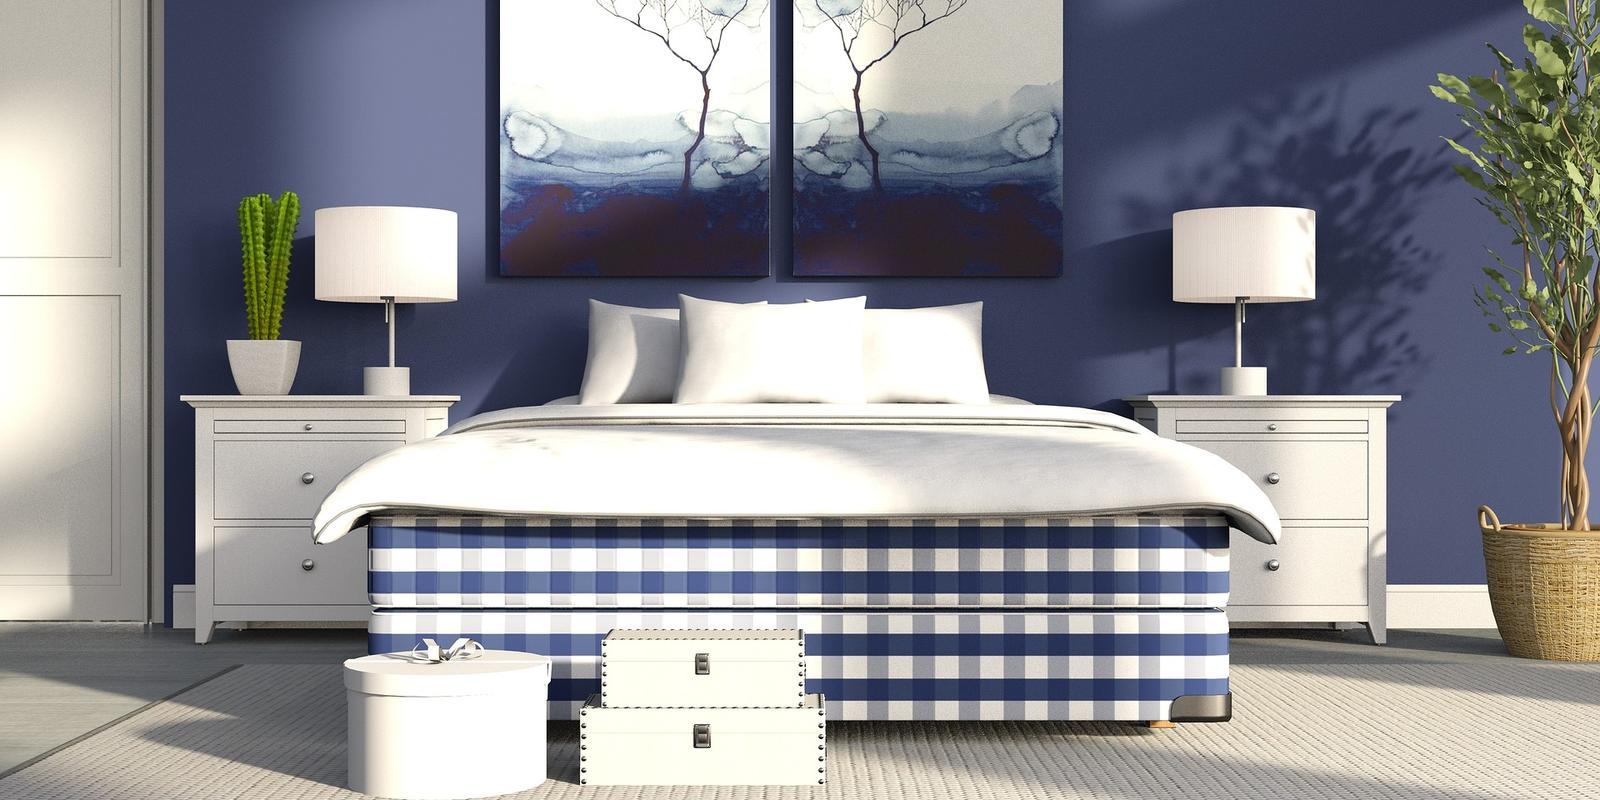 er zijn zelfs kleuren die helpen bij een goede nachtrust wist je dat blauw de beste kleur is voor in de slaapkamer